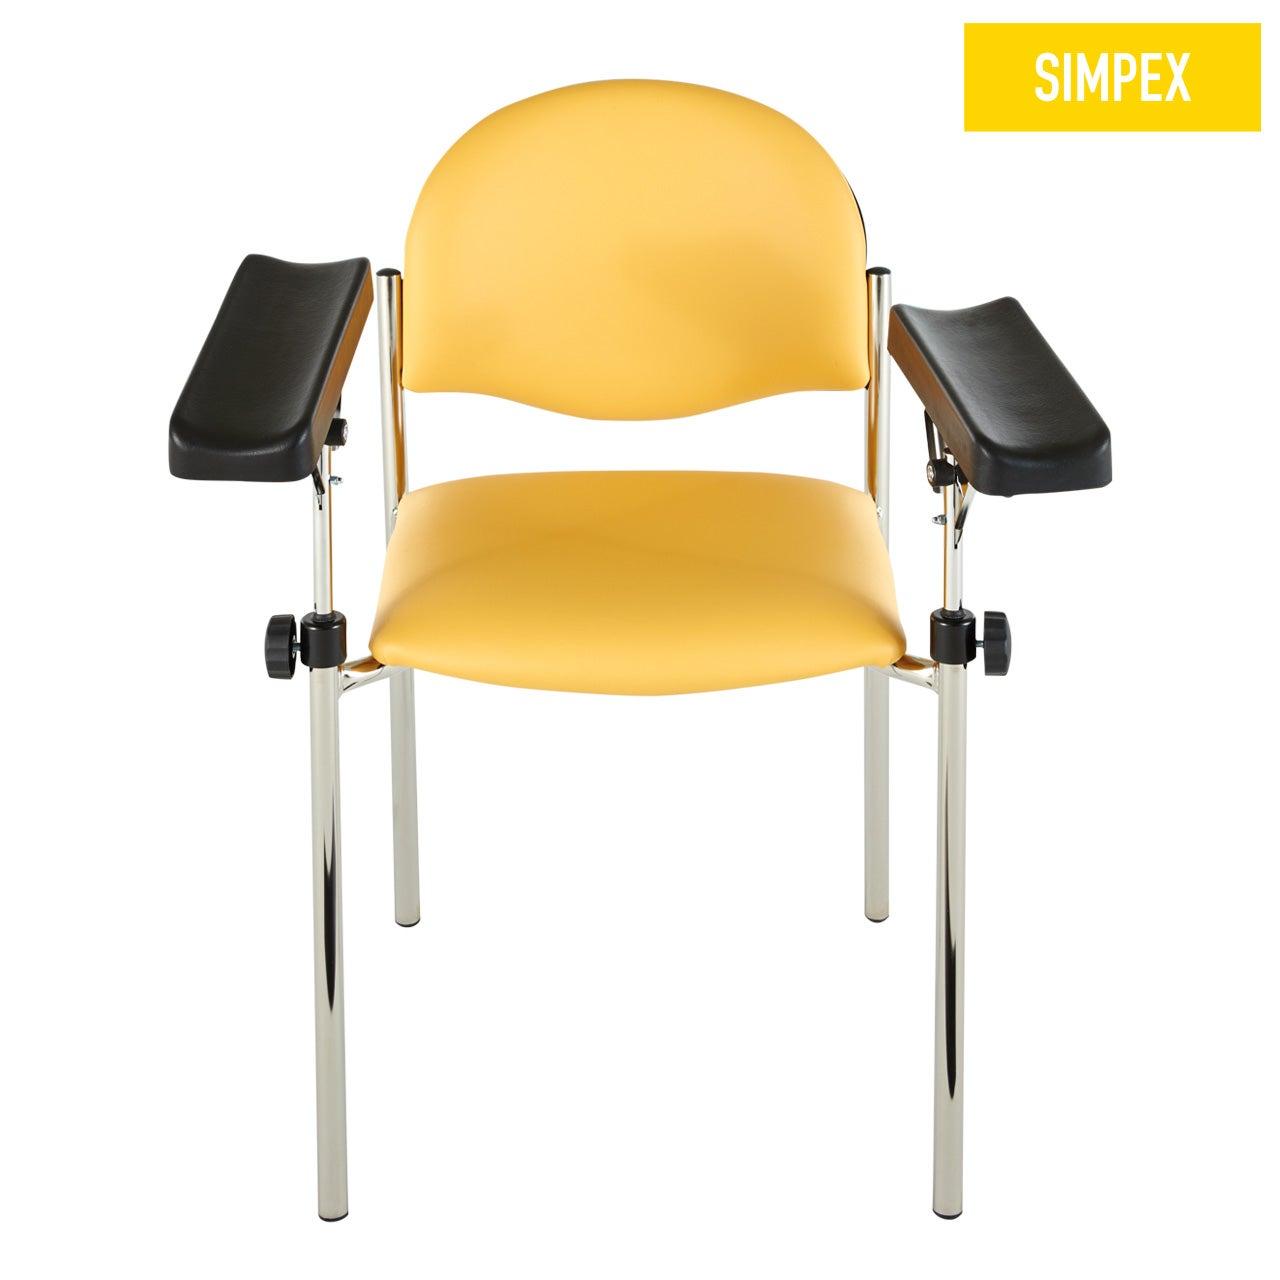 Blutentnahmestuhl Stuhl HAEMO-LINEA Vario Ecco mit Kunstleder in gelb (mais) und einem Gestell aus Stahl verchromt von SIMPEX